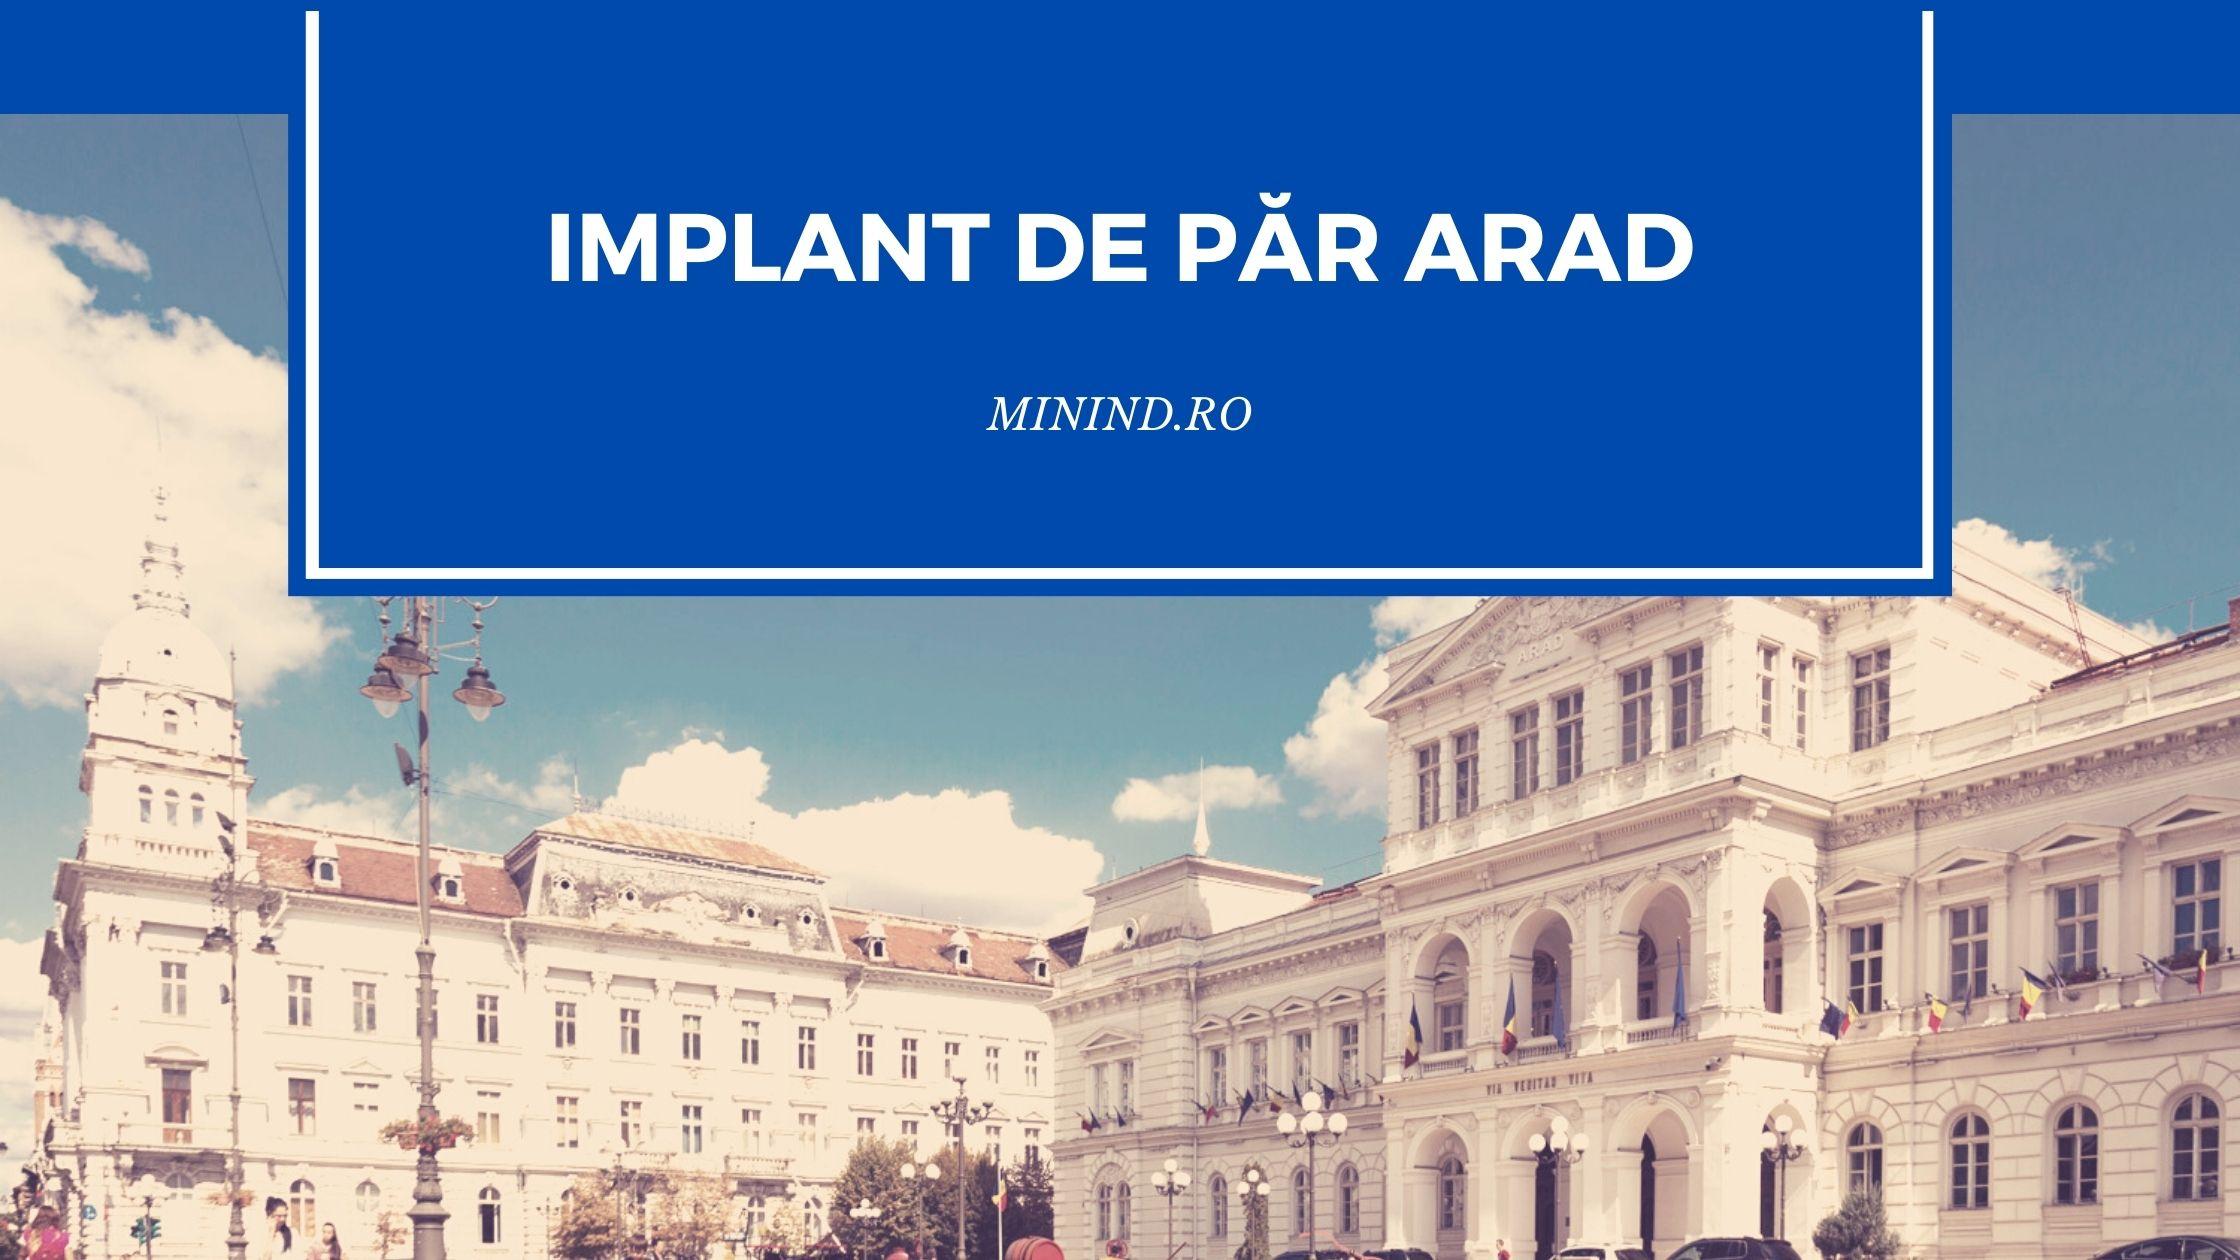 implant de par arad